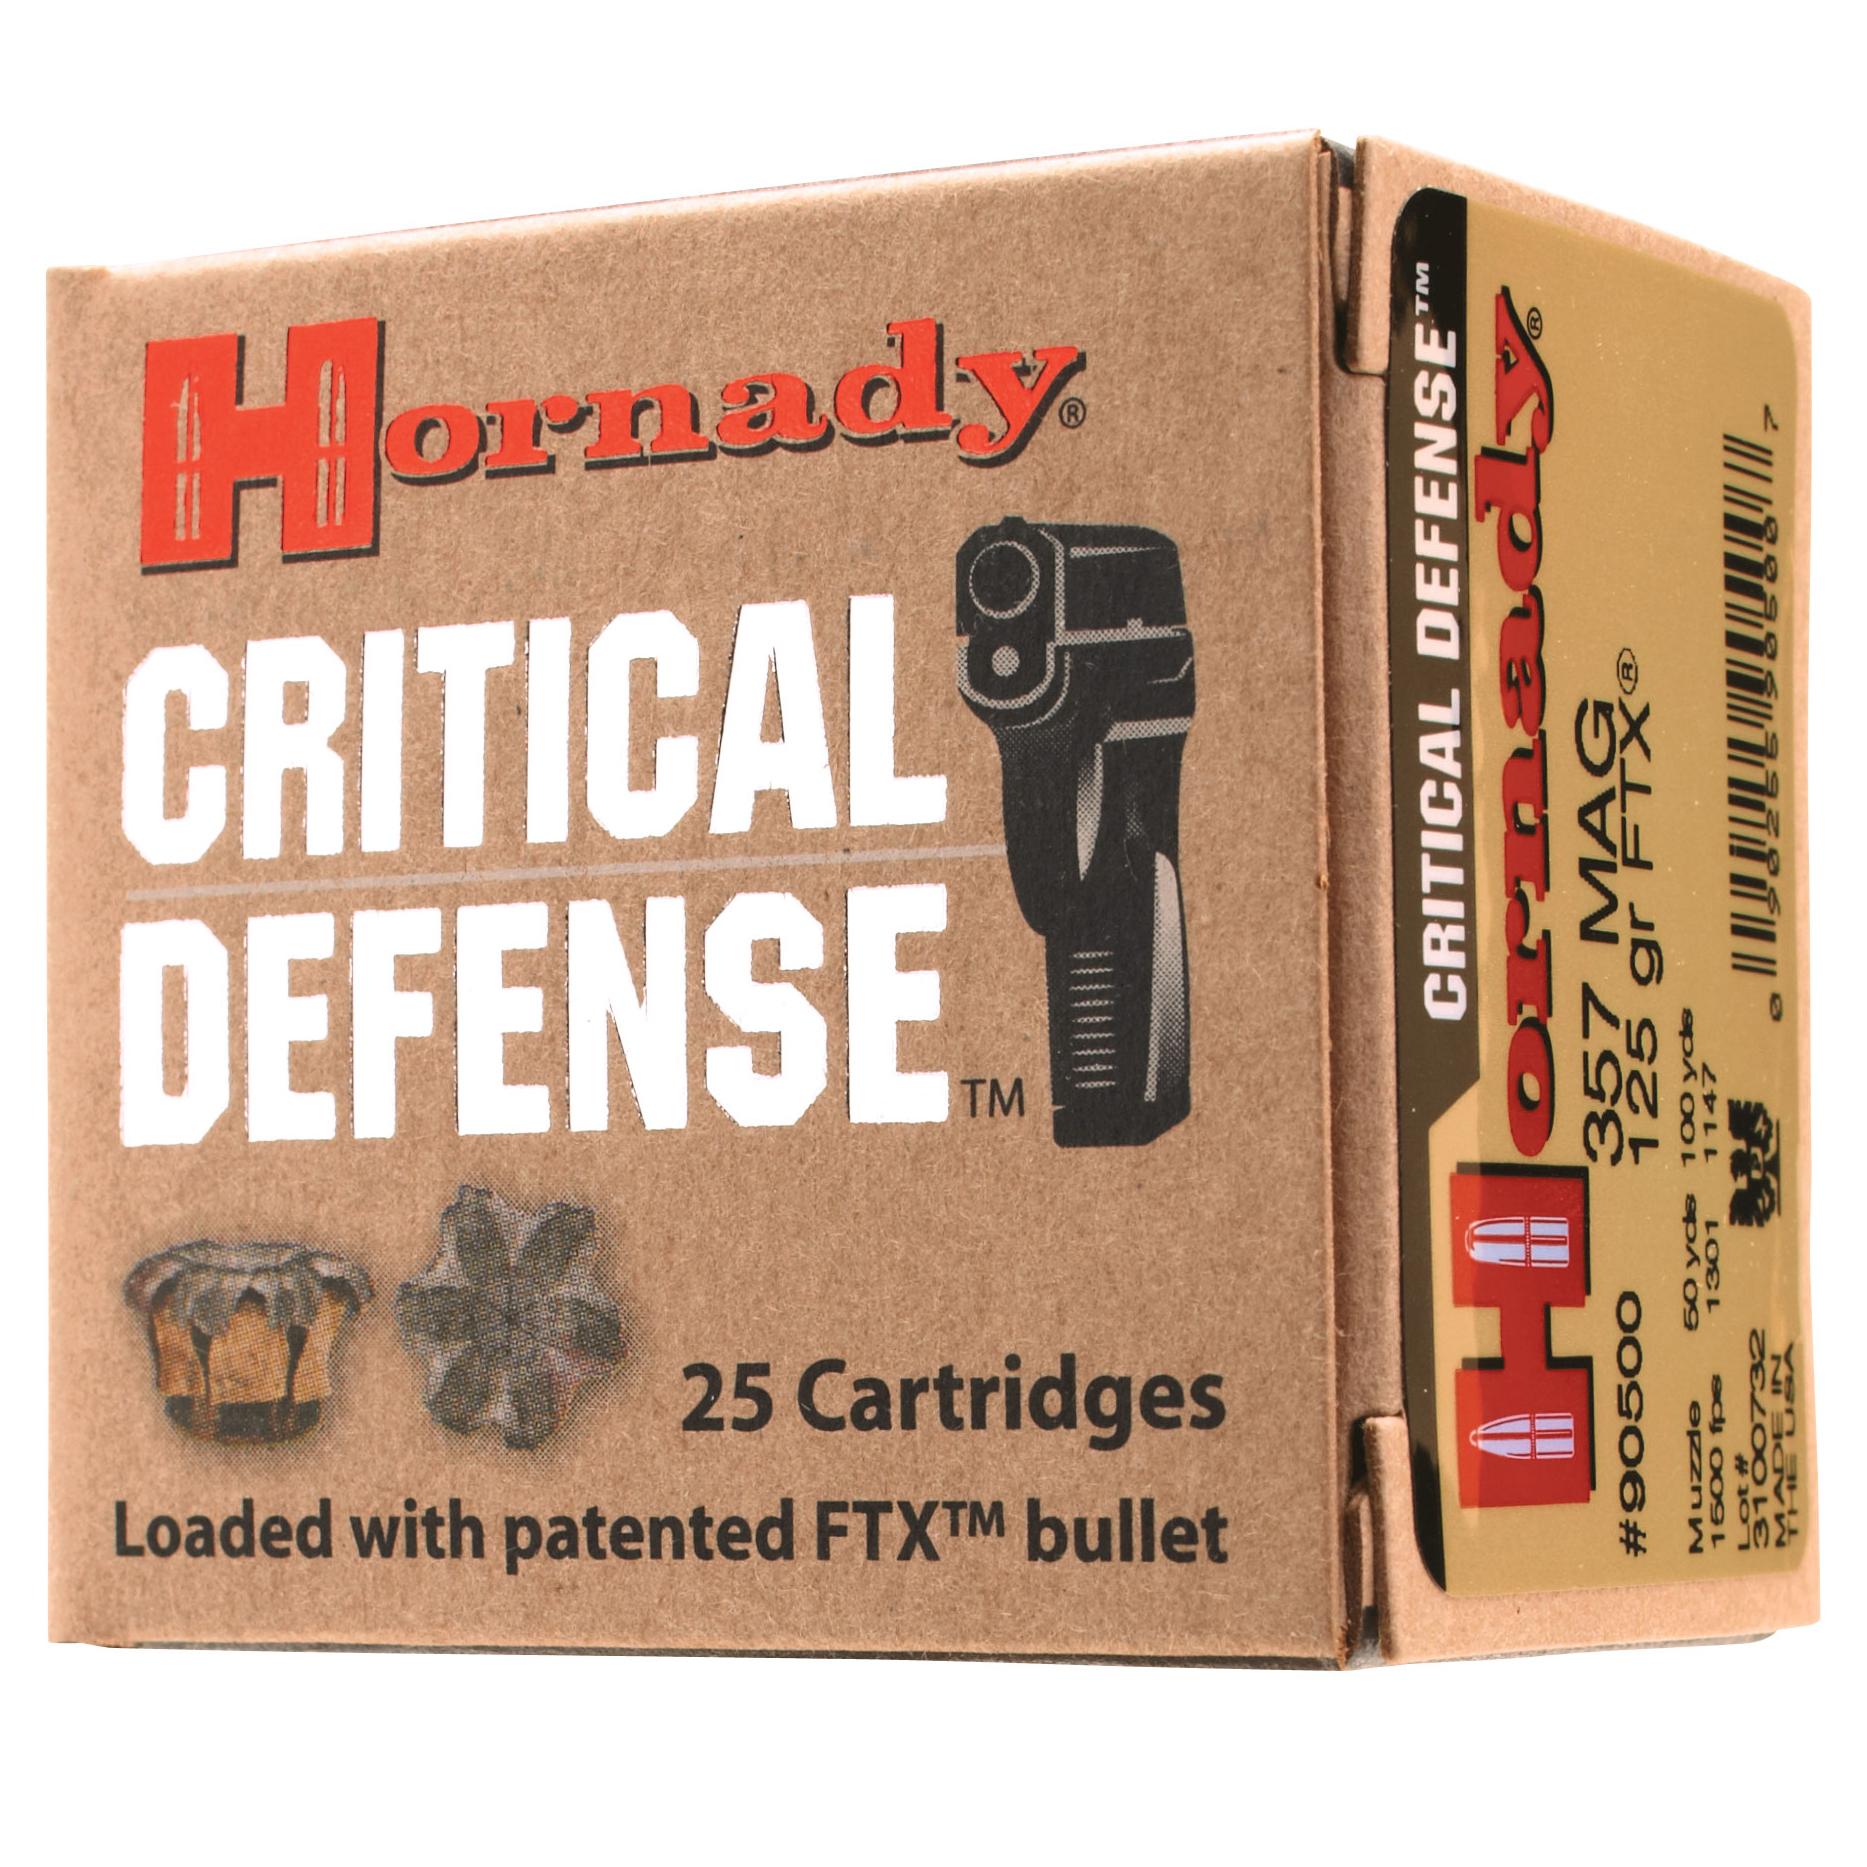 Hornady Critical Defense Handgun Ammo, 9x18mm Makarov, 95-gr, FTX, 25 Rounds